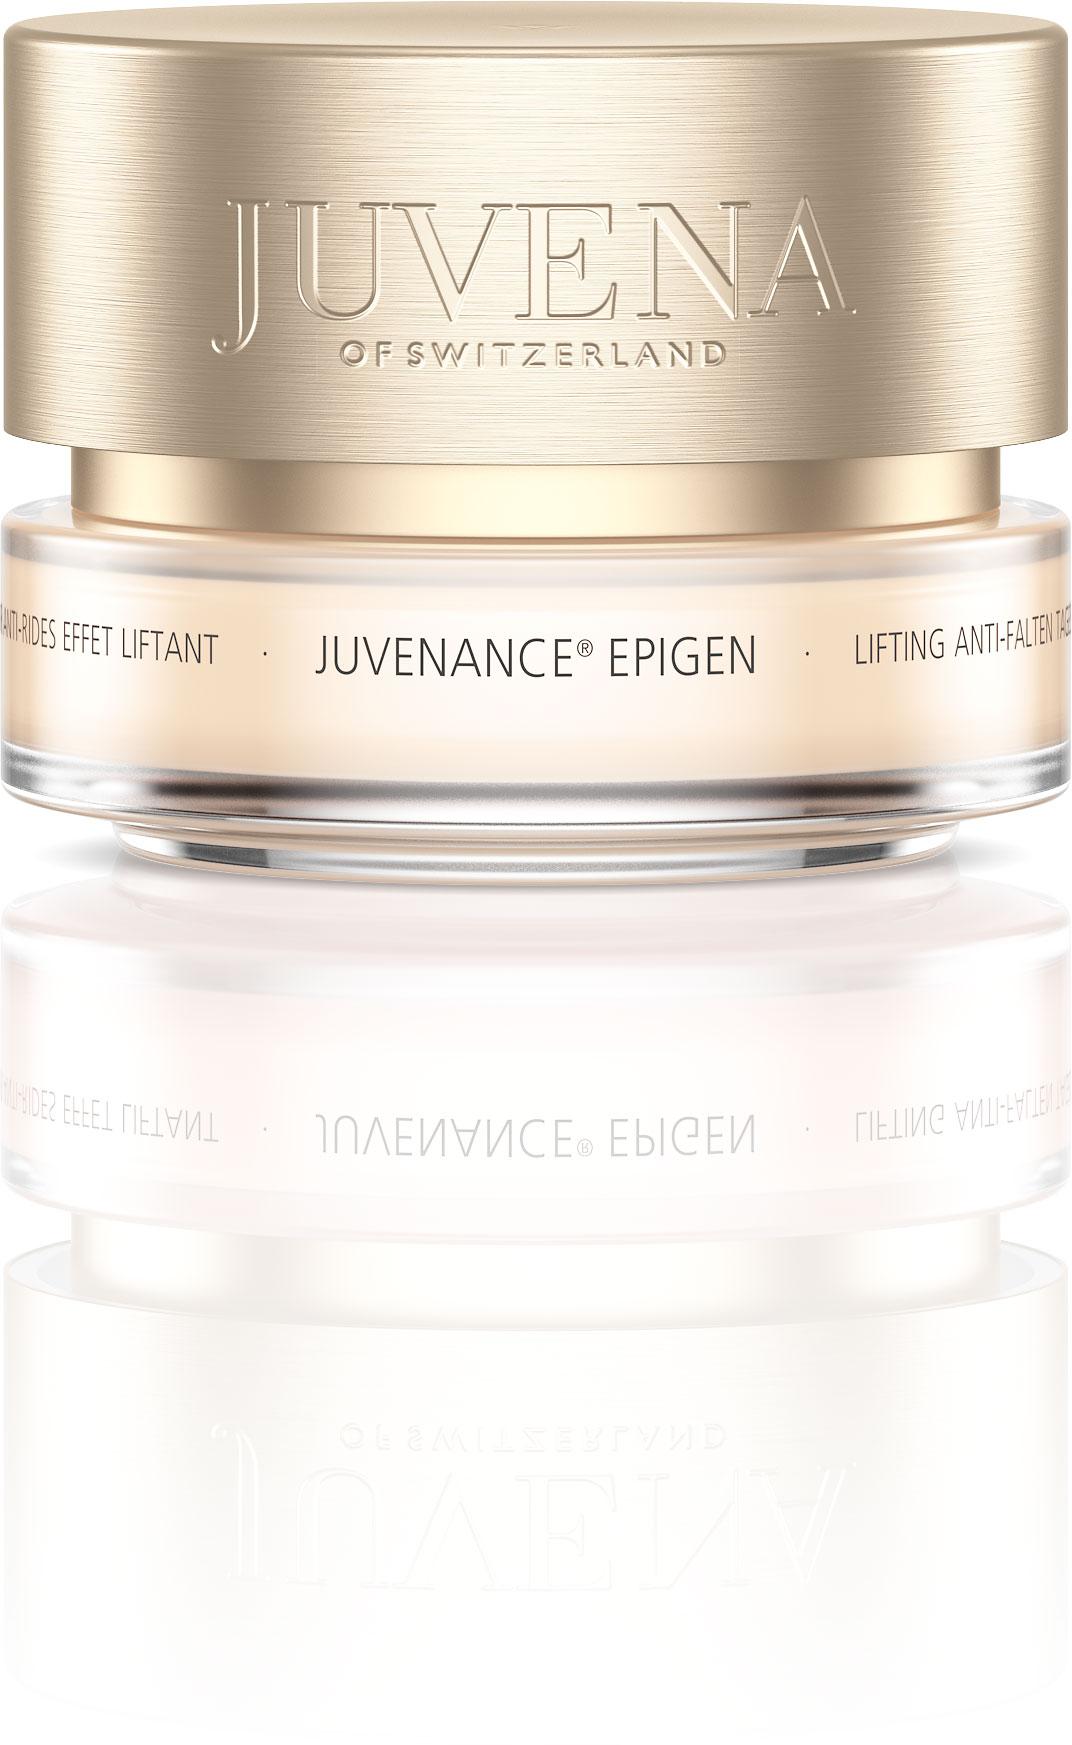 Juvena Epigen Lifting Anti Wrinkle Day Creme 50 ml